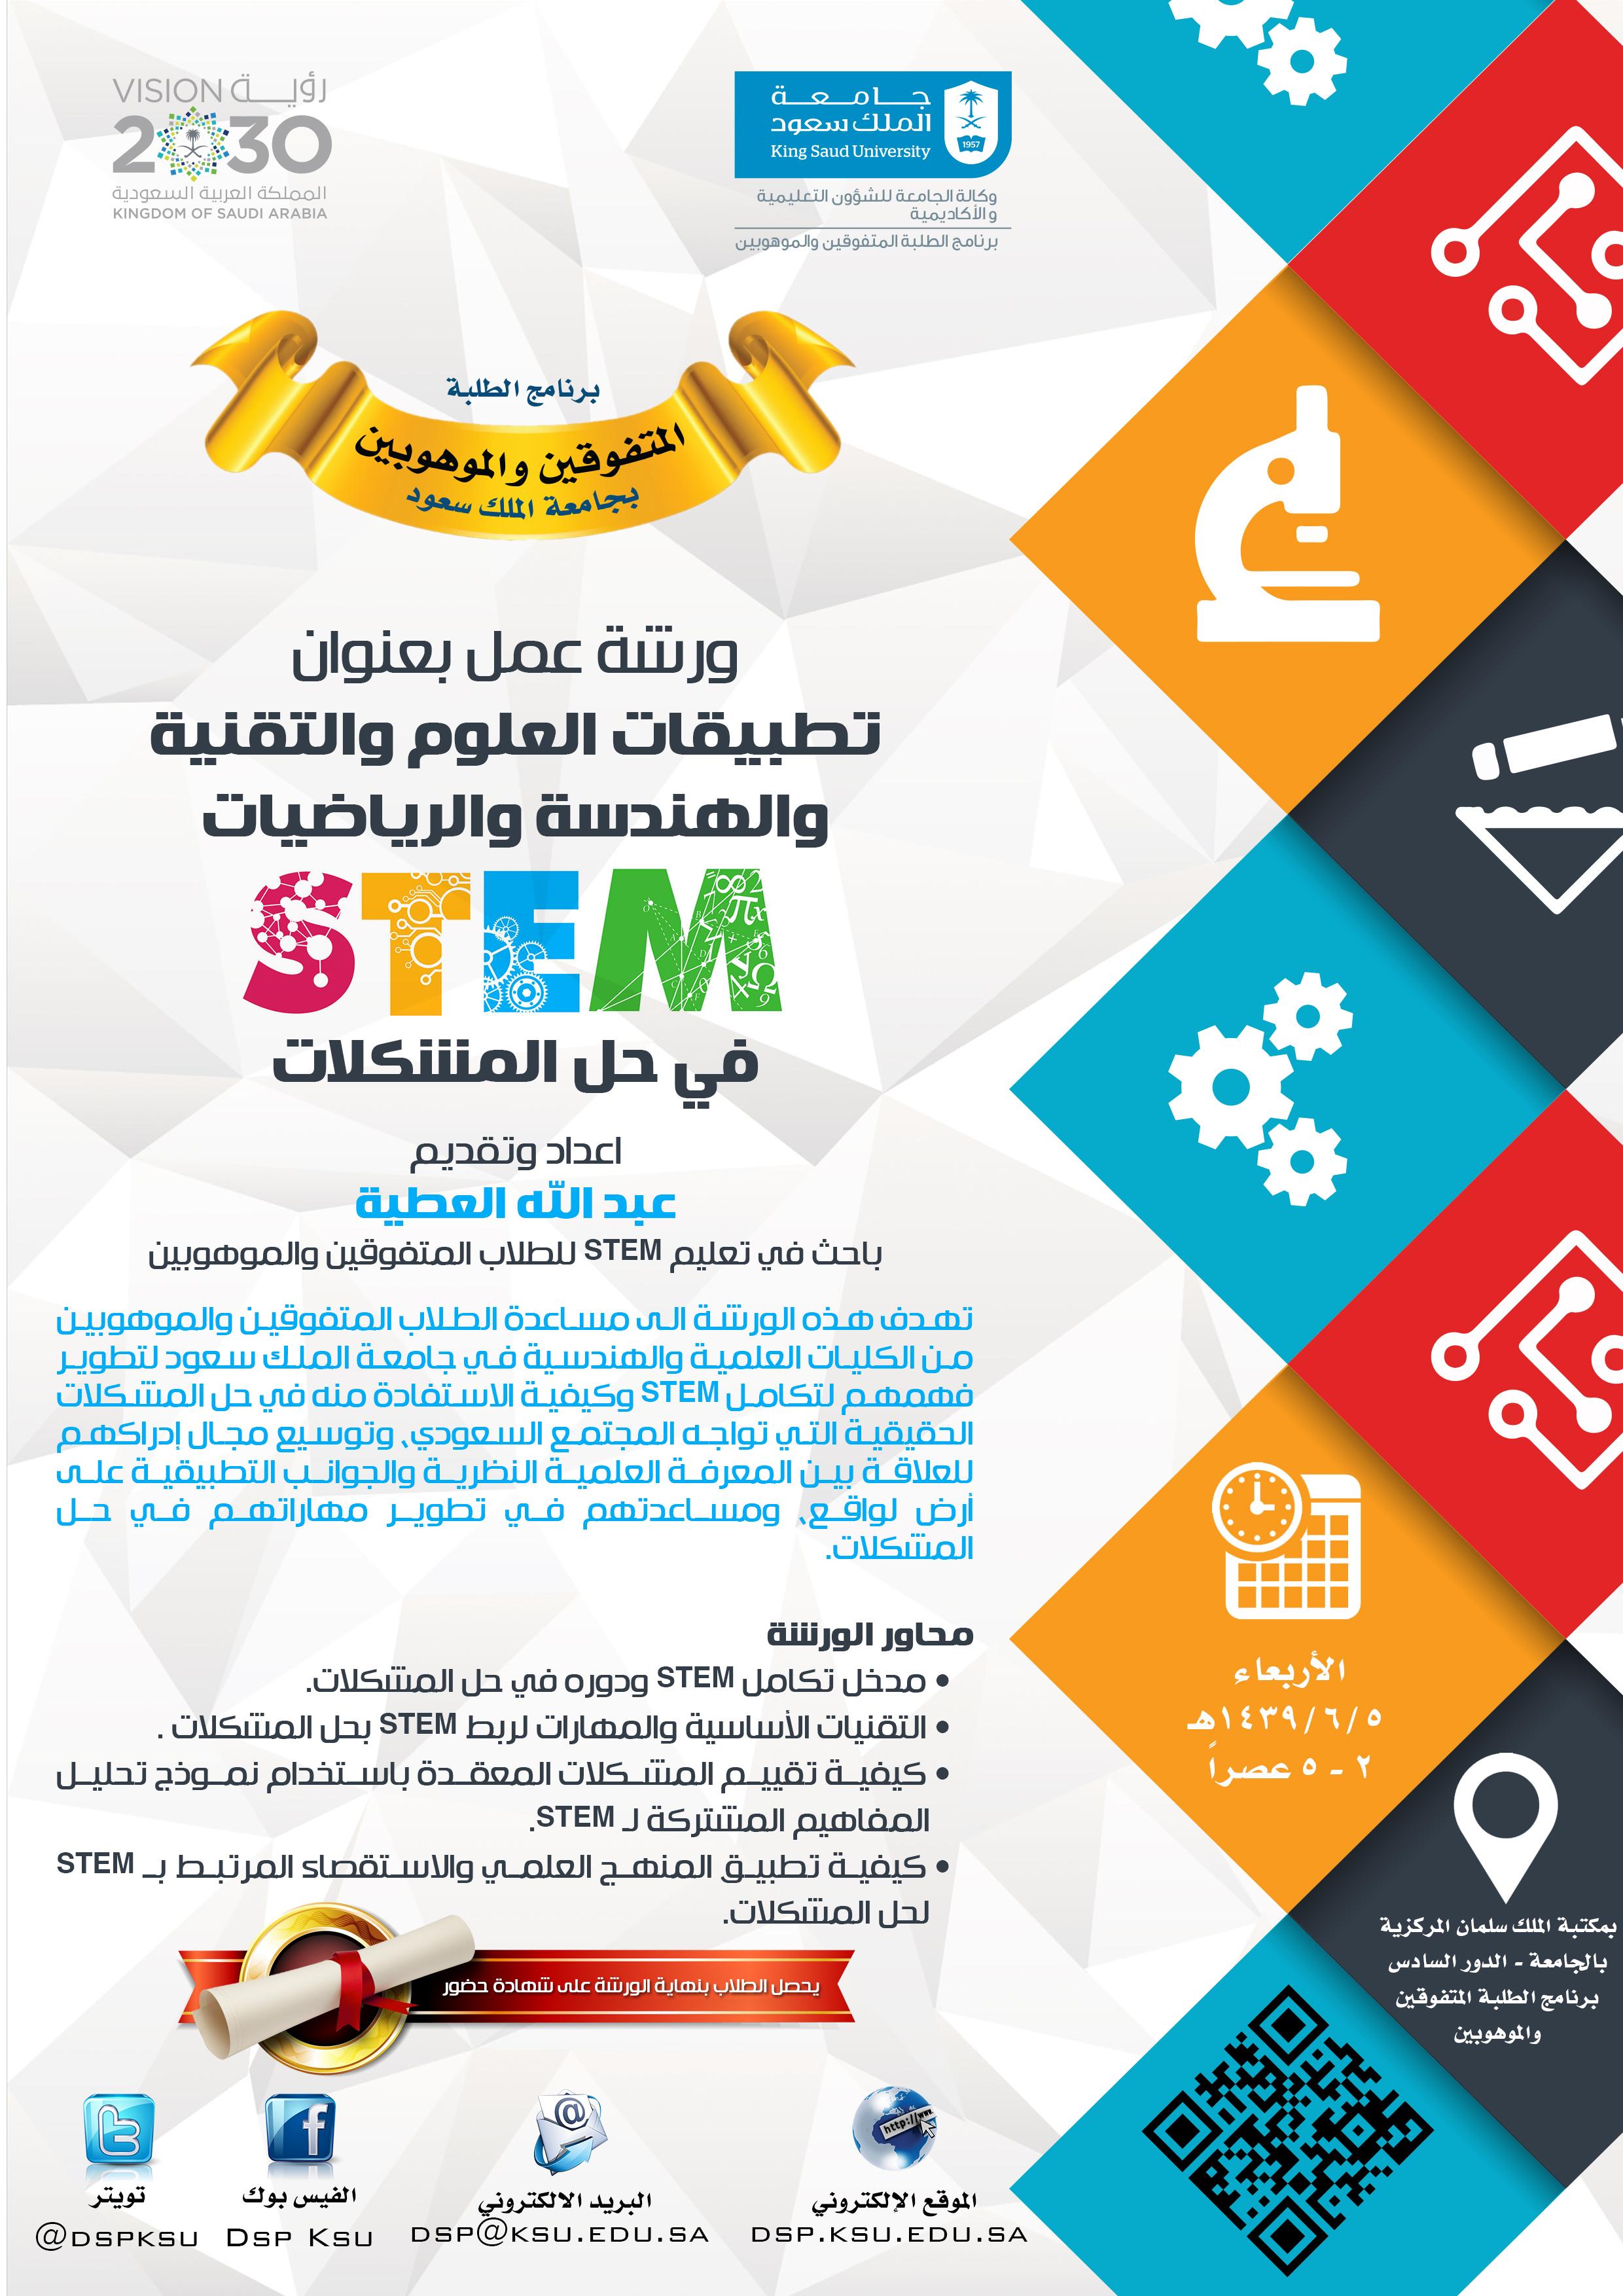 ورشة عمل تطبيقات العلوم والتقنية والهندسة والرياضيات STEM في حل المشكلات للطلاب المتفوقين